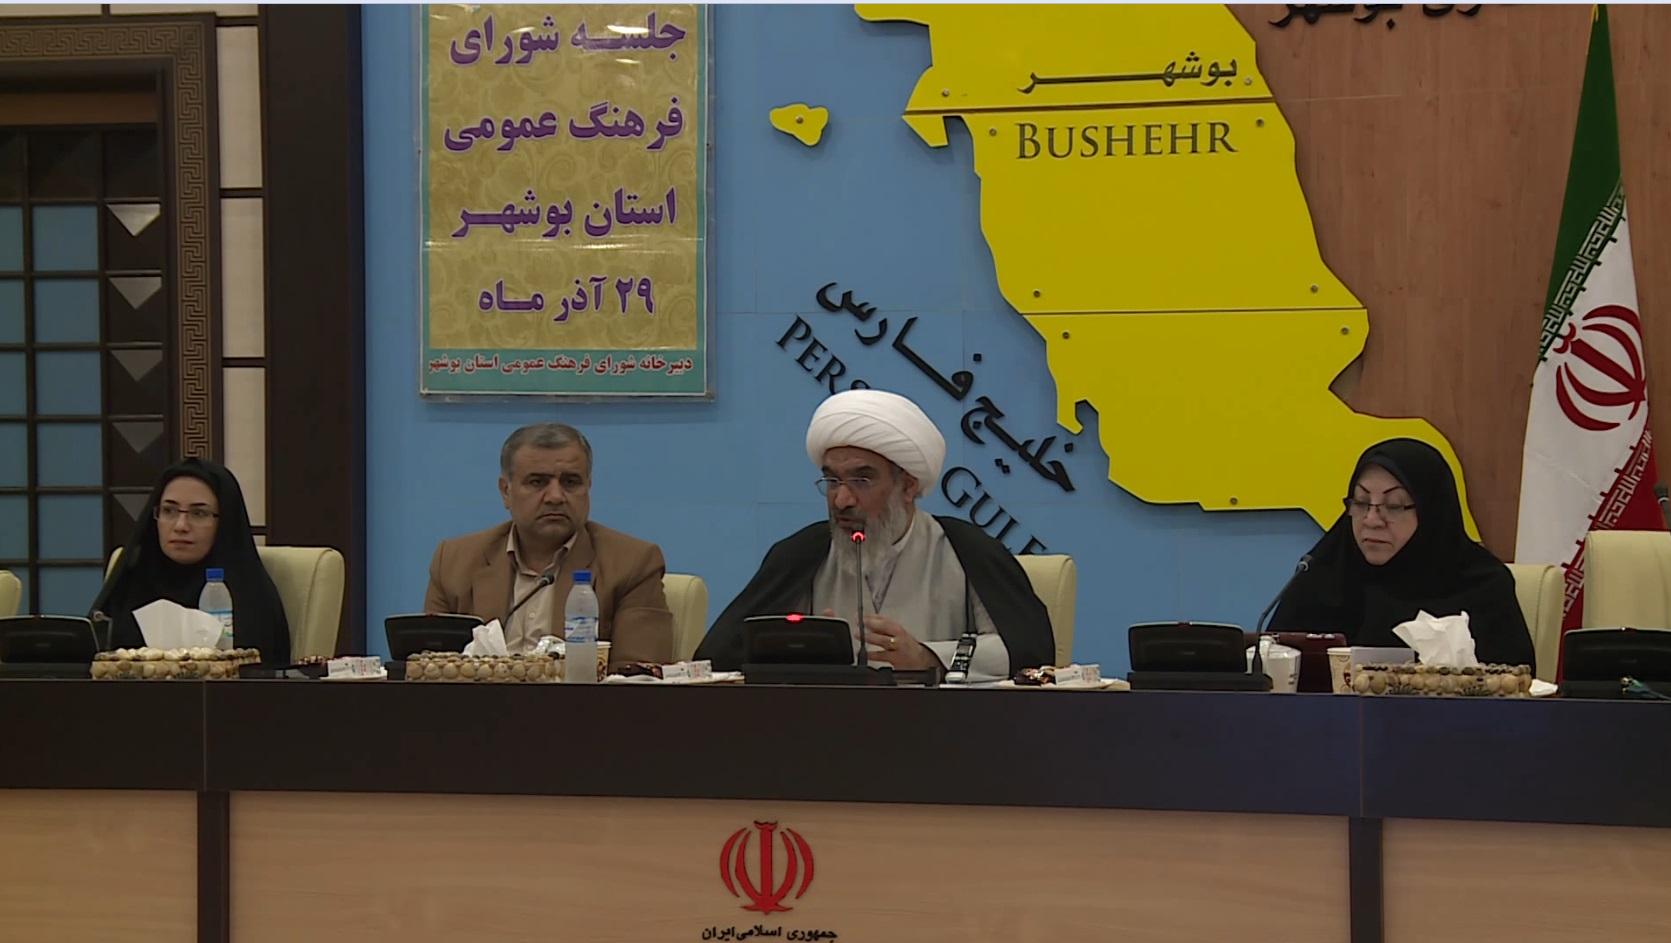 بوشهر استانی فرهنگمحور است